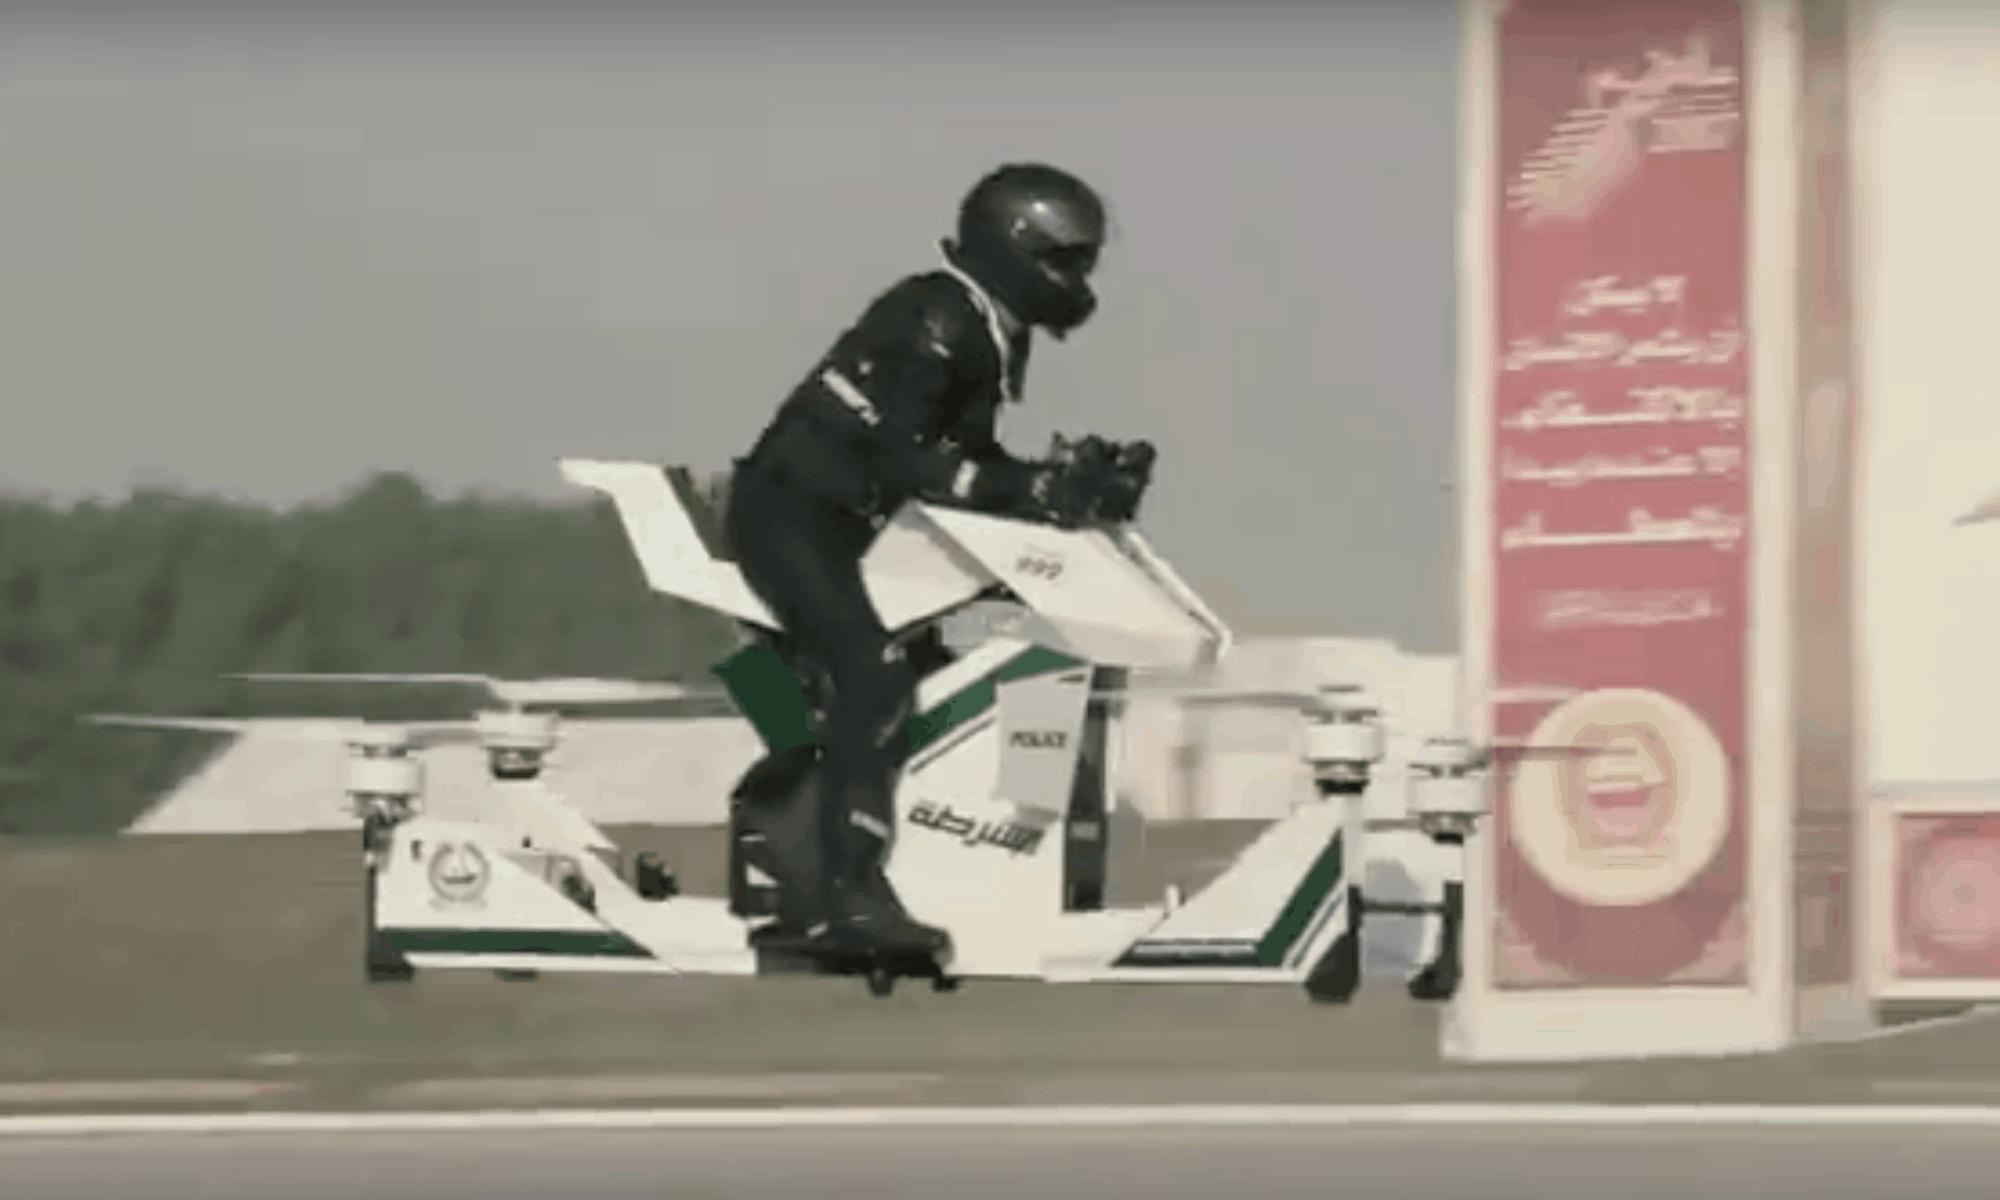 [Video] Kranker Scheiß: Sind bald Hoverbikes für die Polizei in Dubai unterwegs?